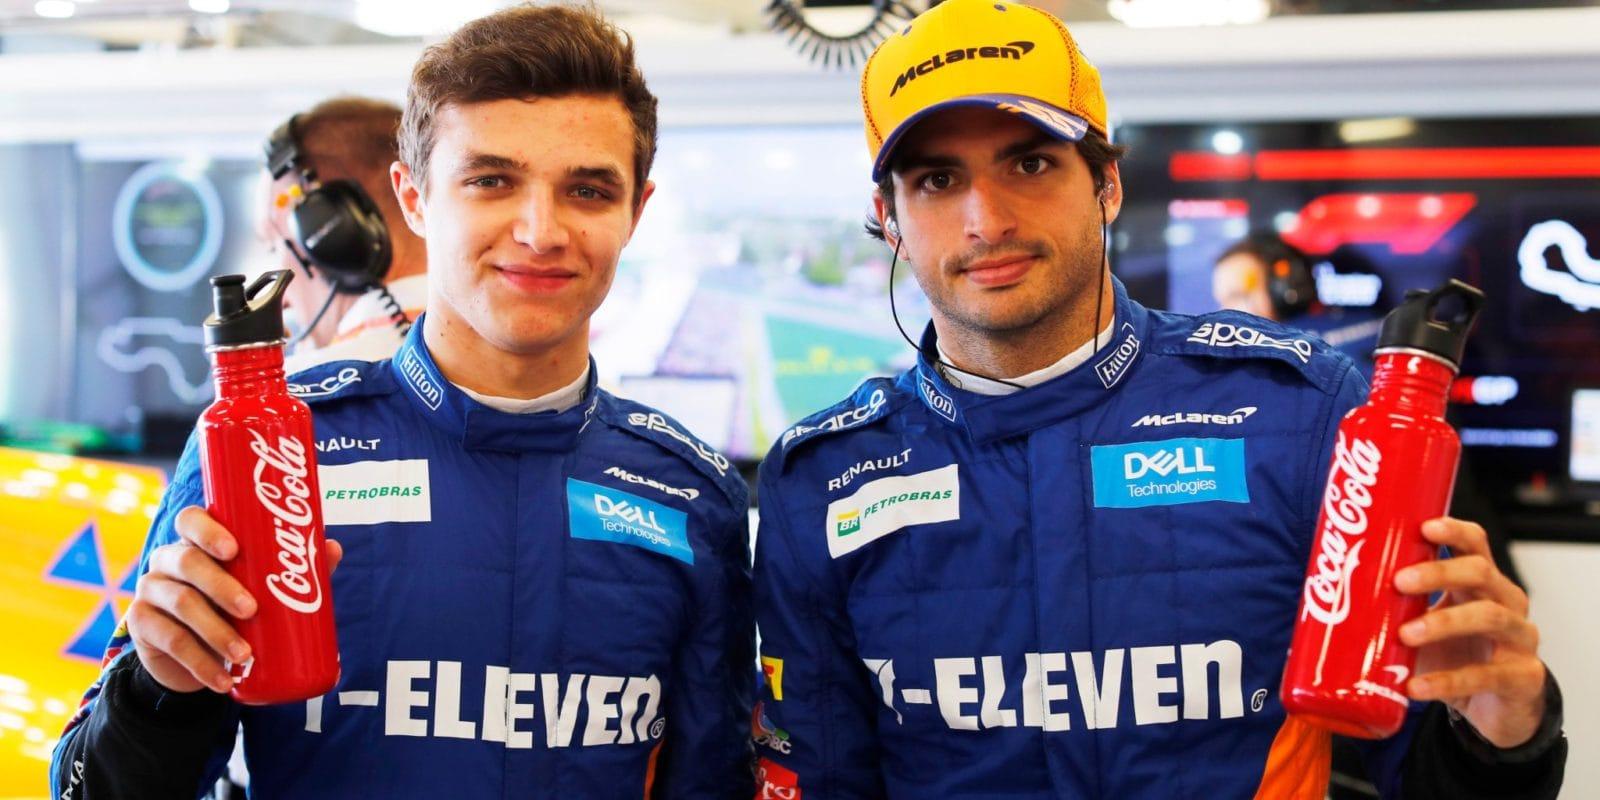 Norris vkvalifikaci zazářil, Sainz skončil již vprvní části